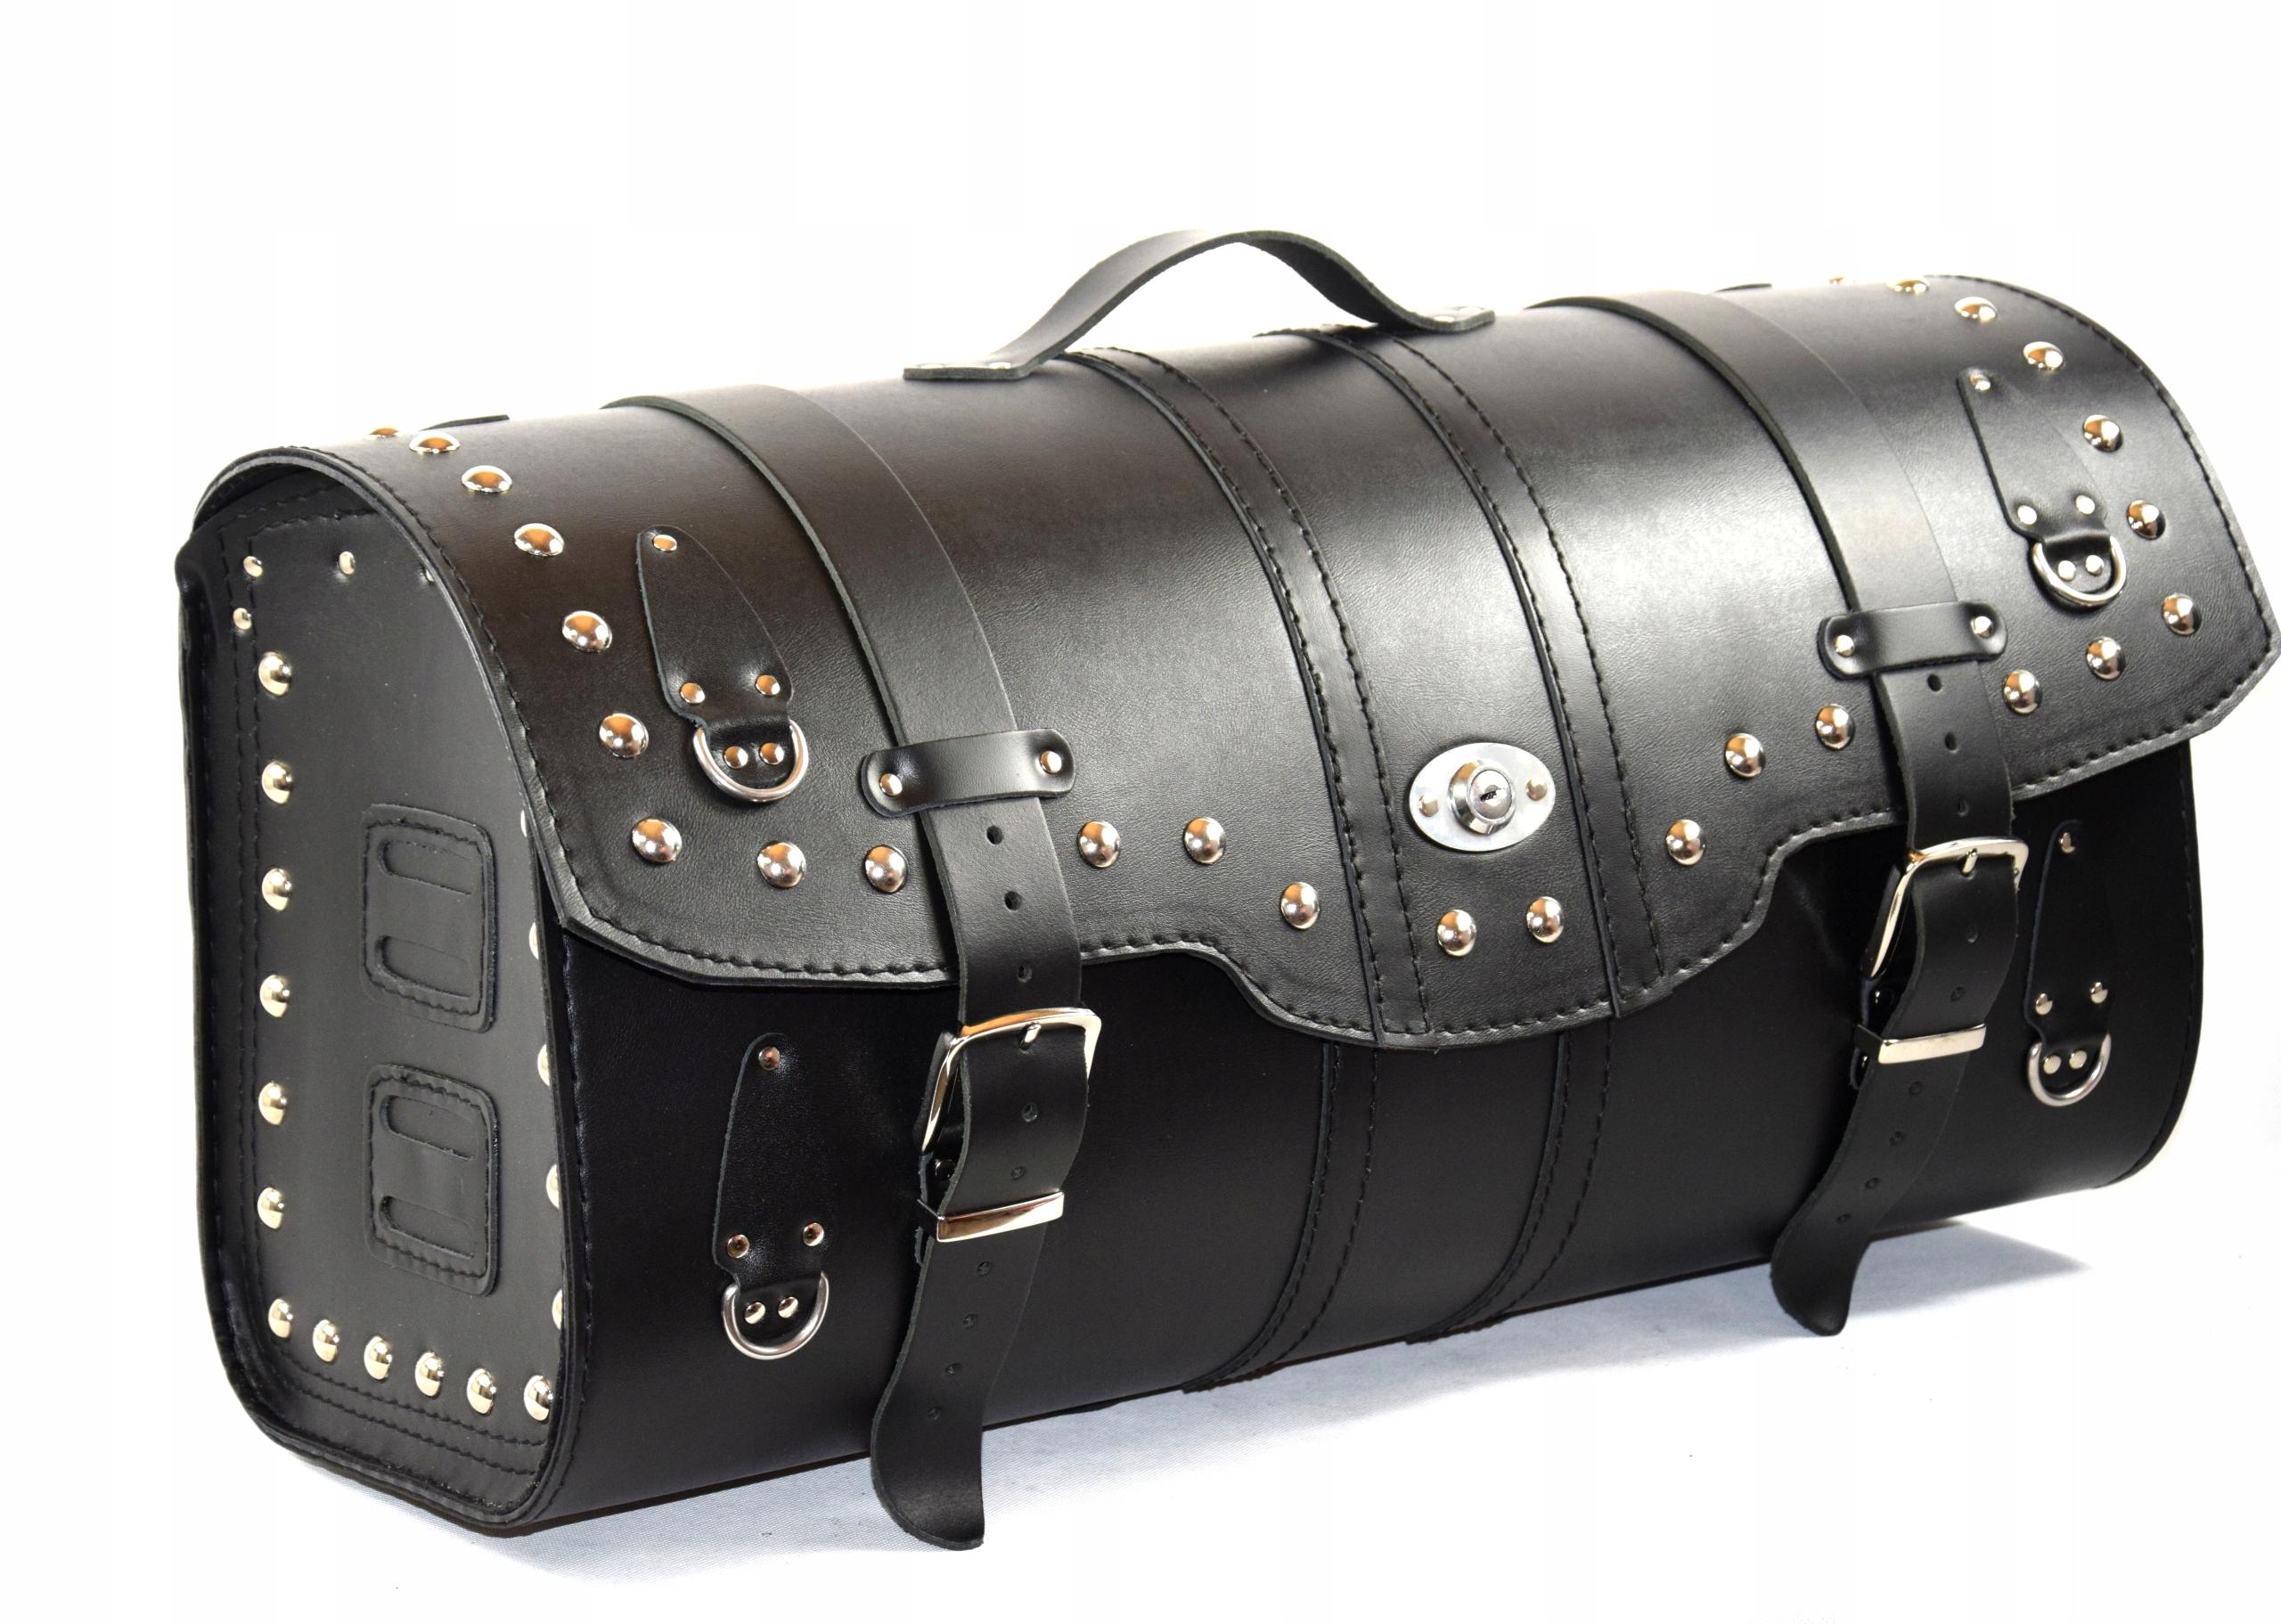 Kufer skórzany kufer tylni motocyklowy K29 A B C Numer katalogowy producenta K29